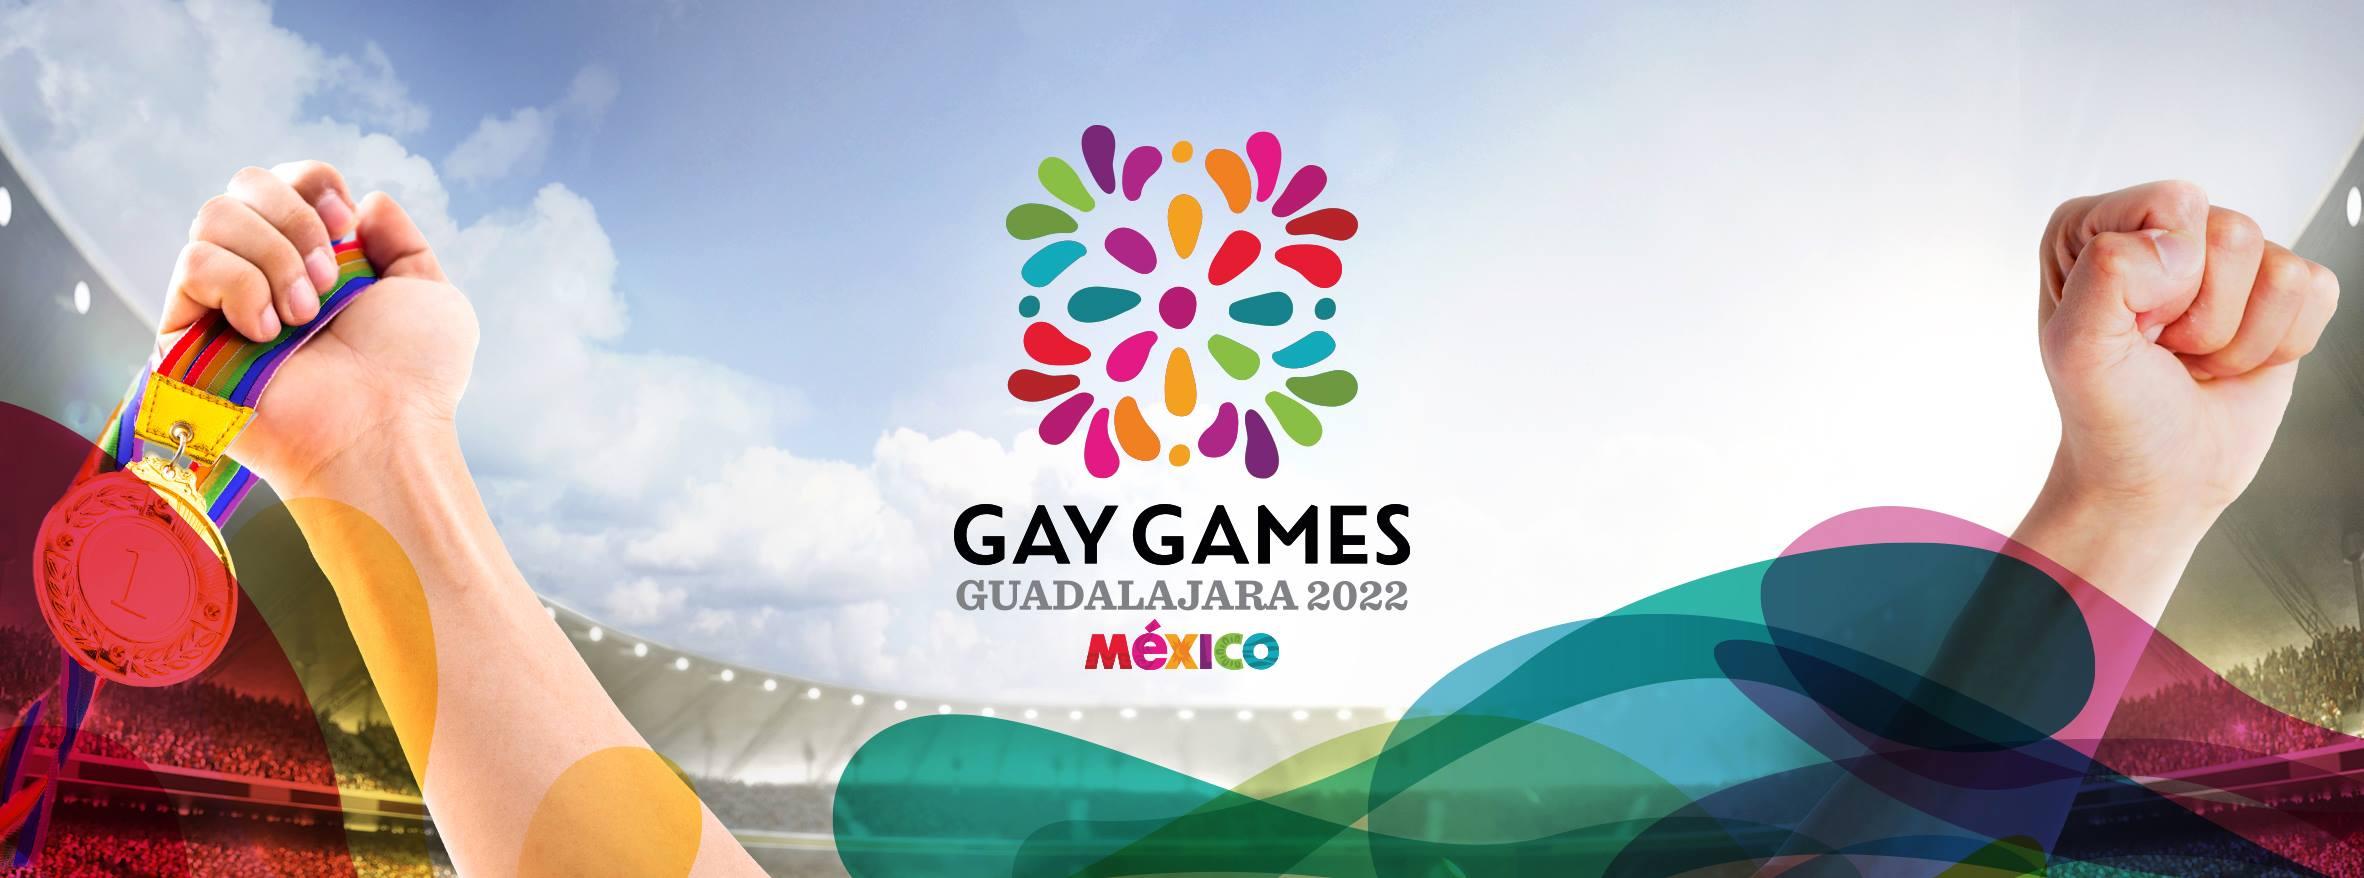 Guadalajara aspira ser la sede de los Gay Games 2022